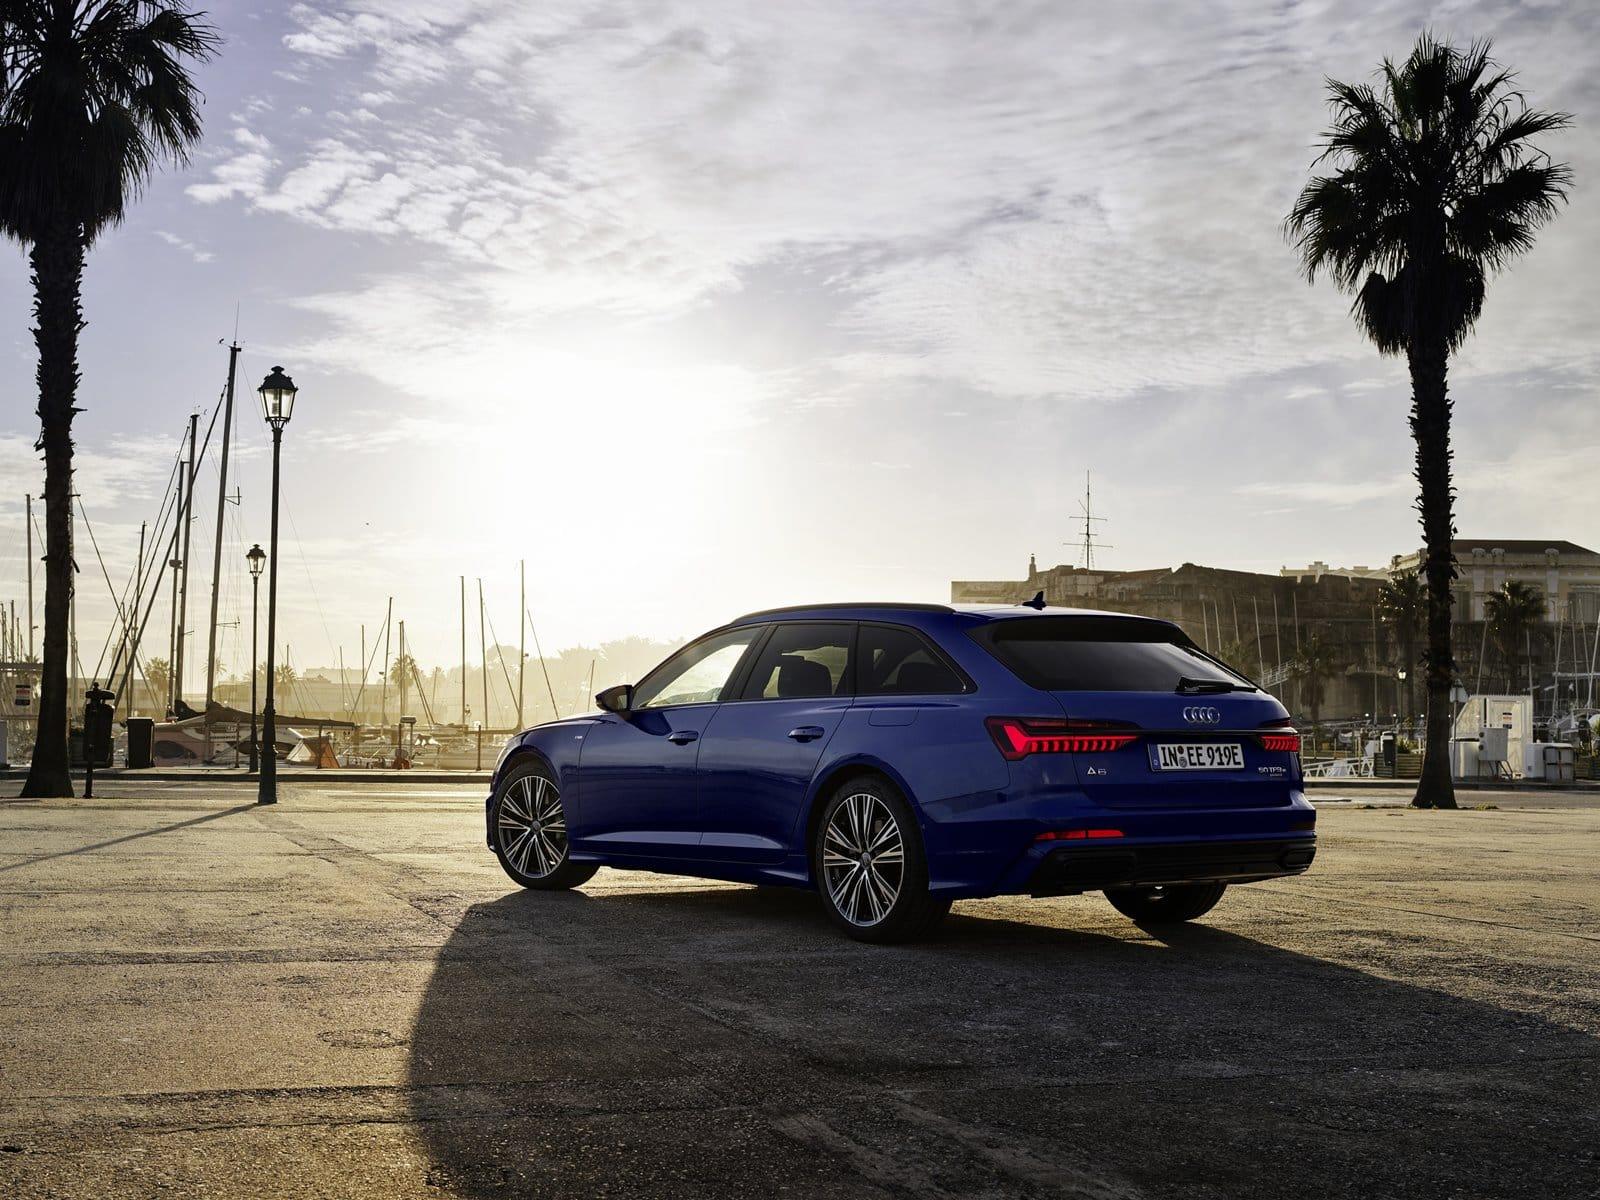 https://www.autonocion.com/wp-content/uploads/2021/02/Audi-A6-Avant-50-TFSI-e-1.jpg